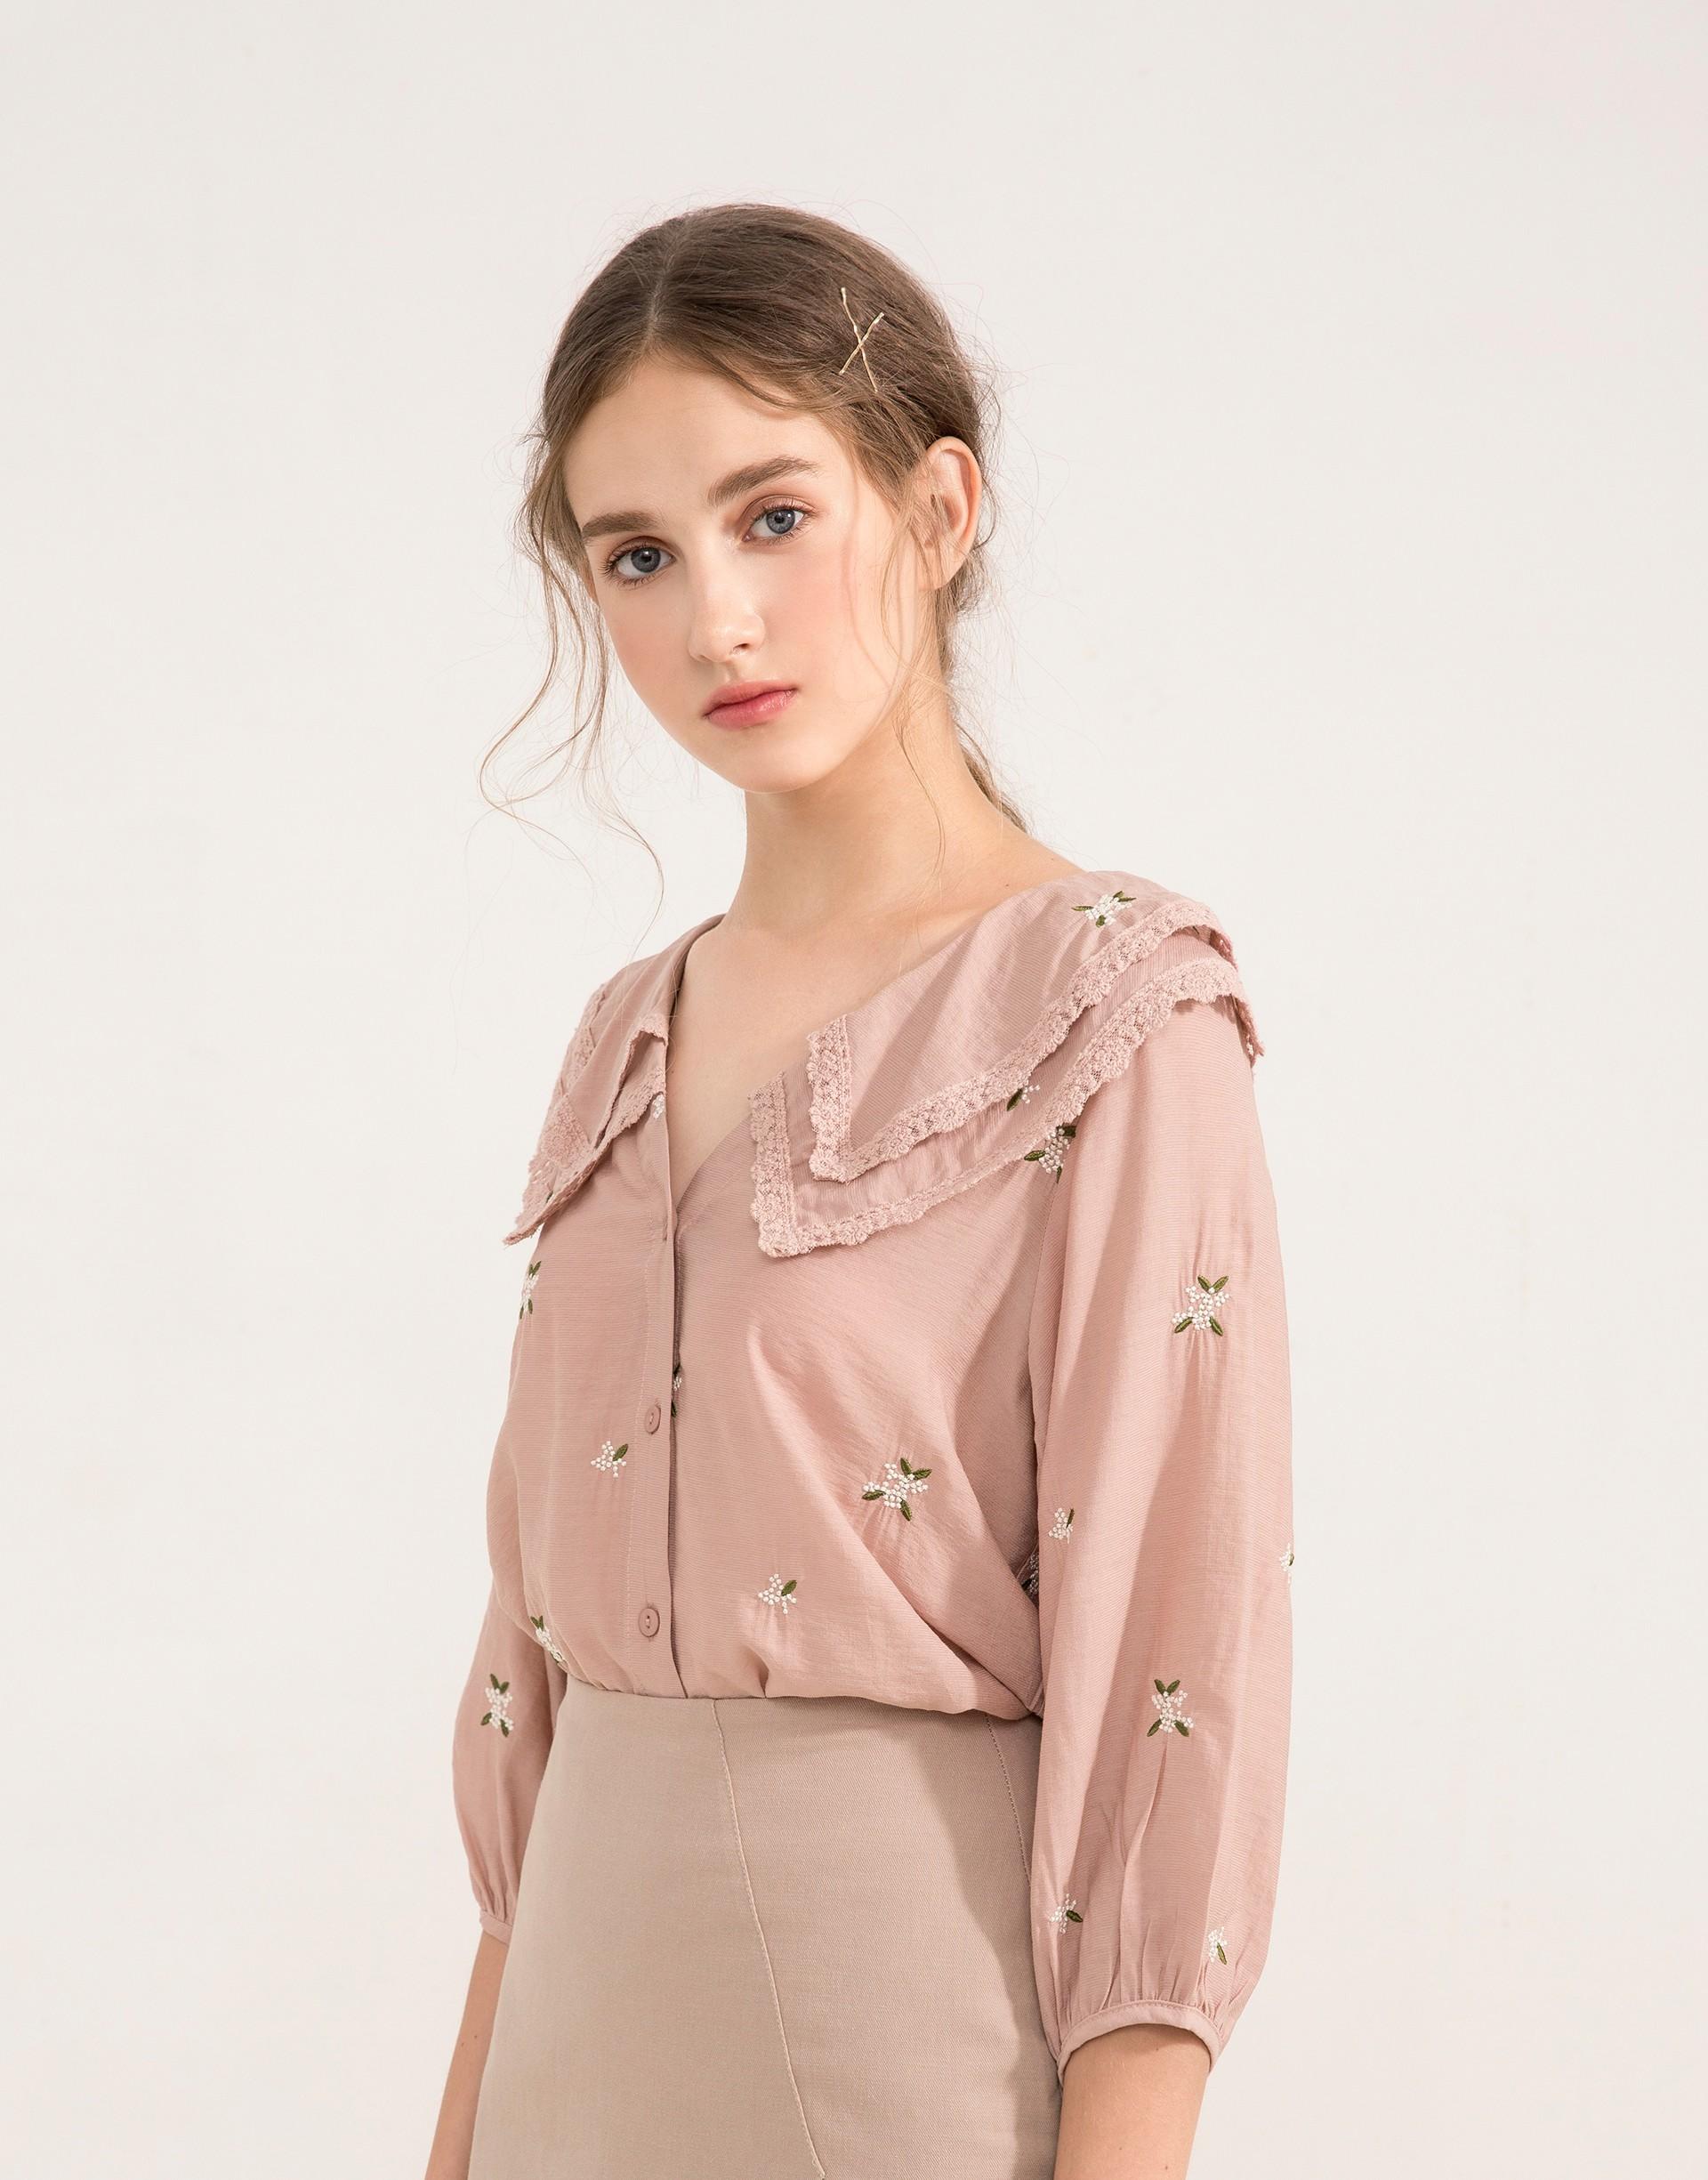 小花刺繡/雙層肩領造型/領口質感繡花織帶